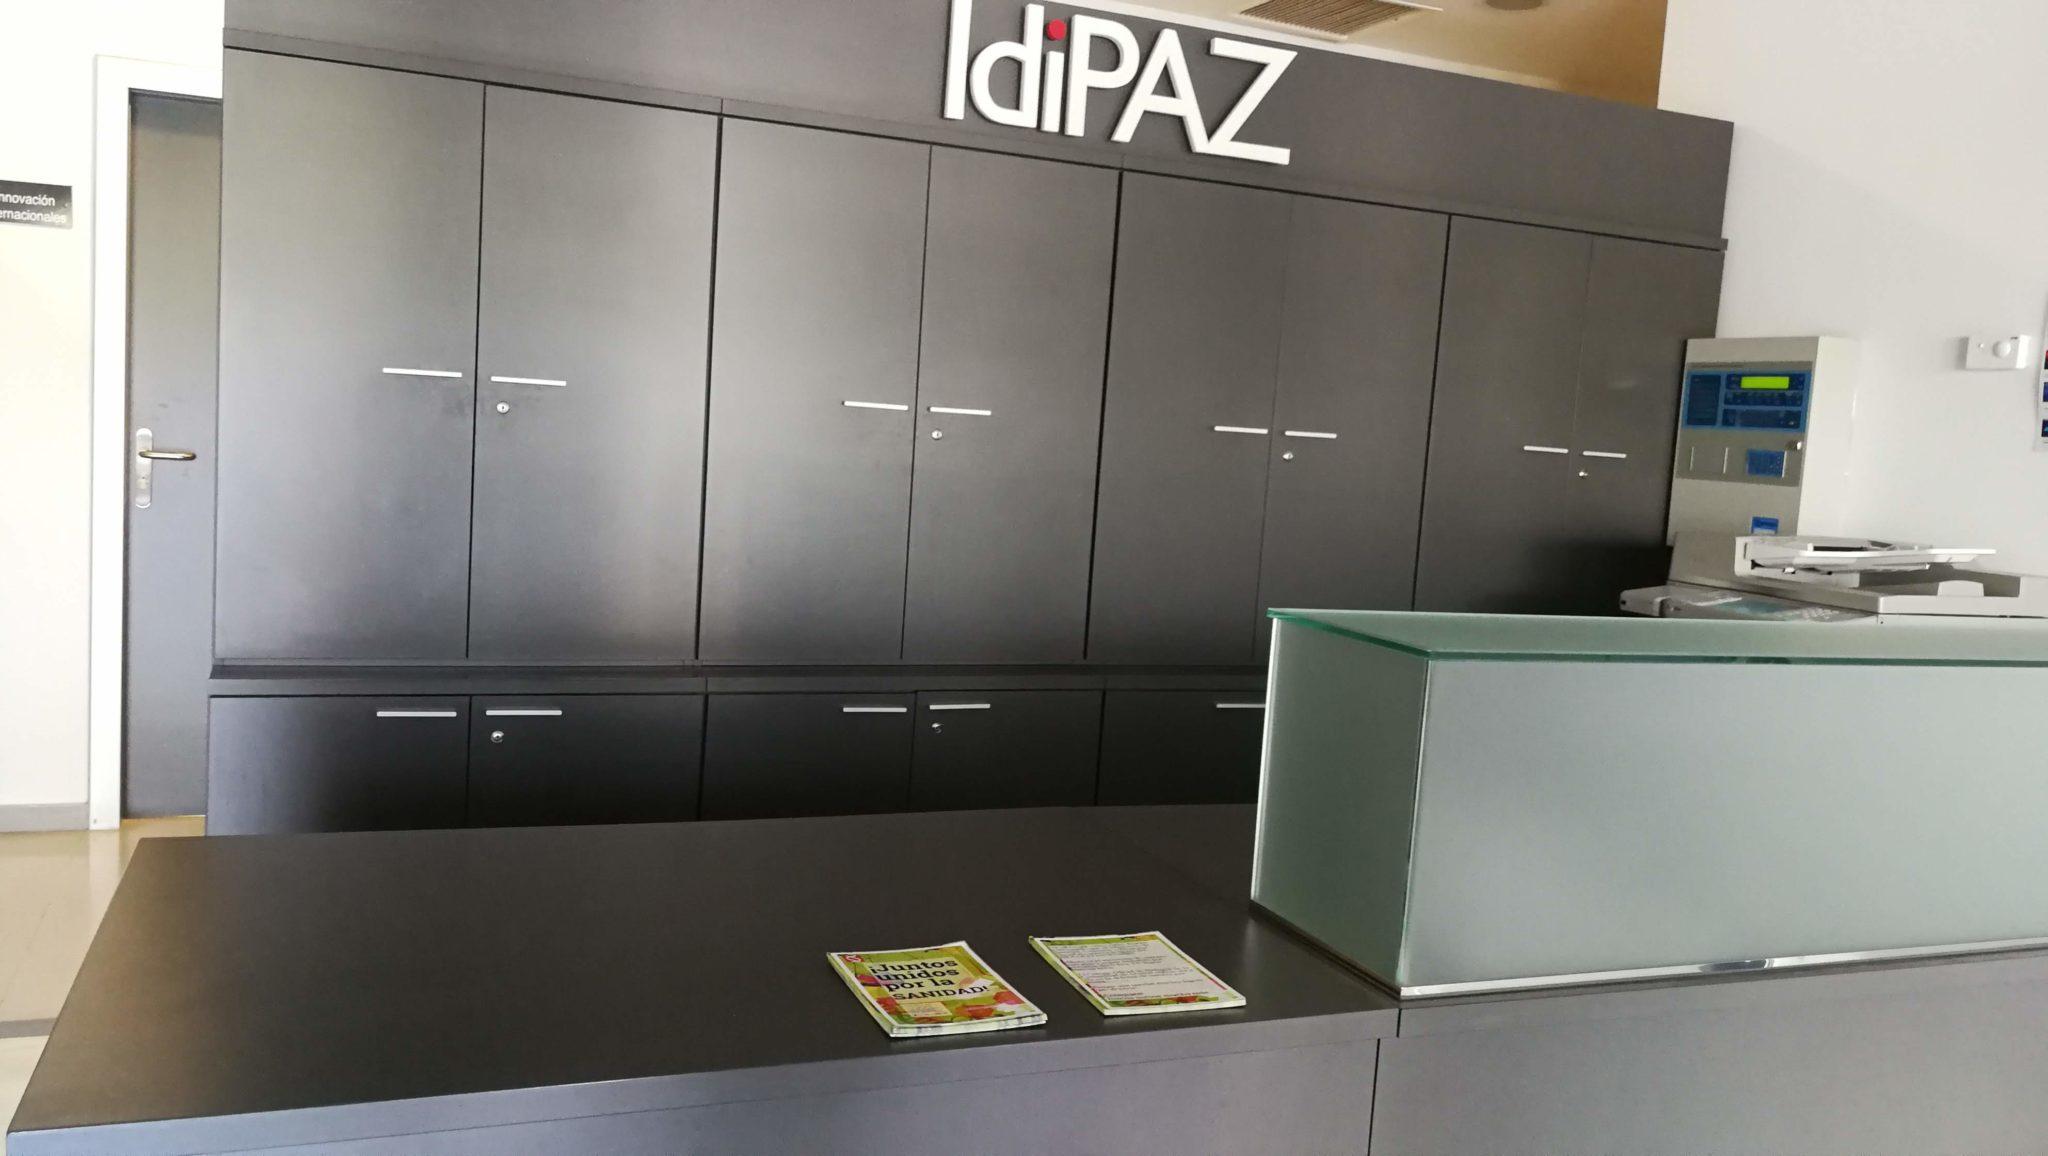 Flyers en IdiPAZ